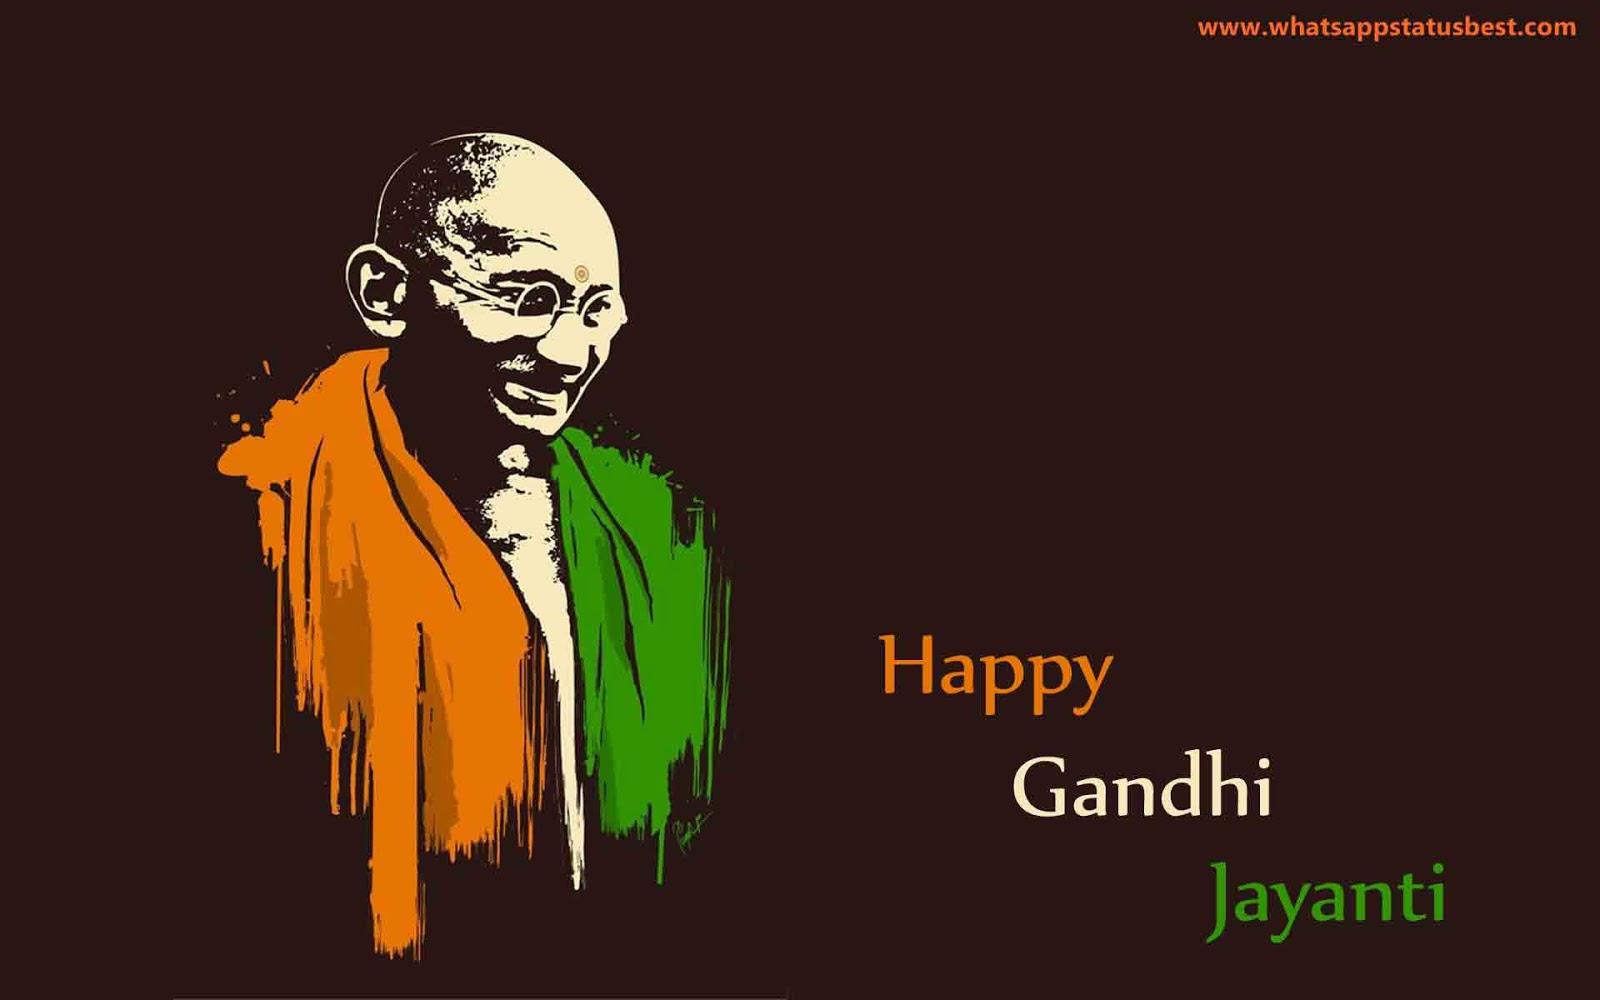 Happy Gandhi Jayanthi Images Free Download Wallpapers Profile